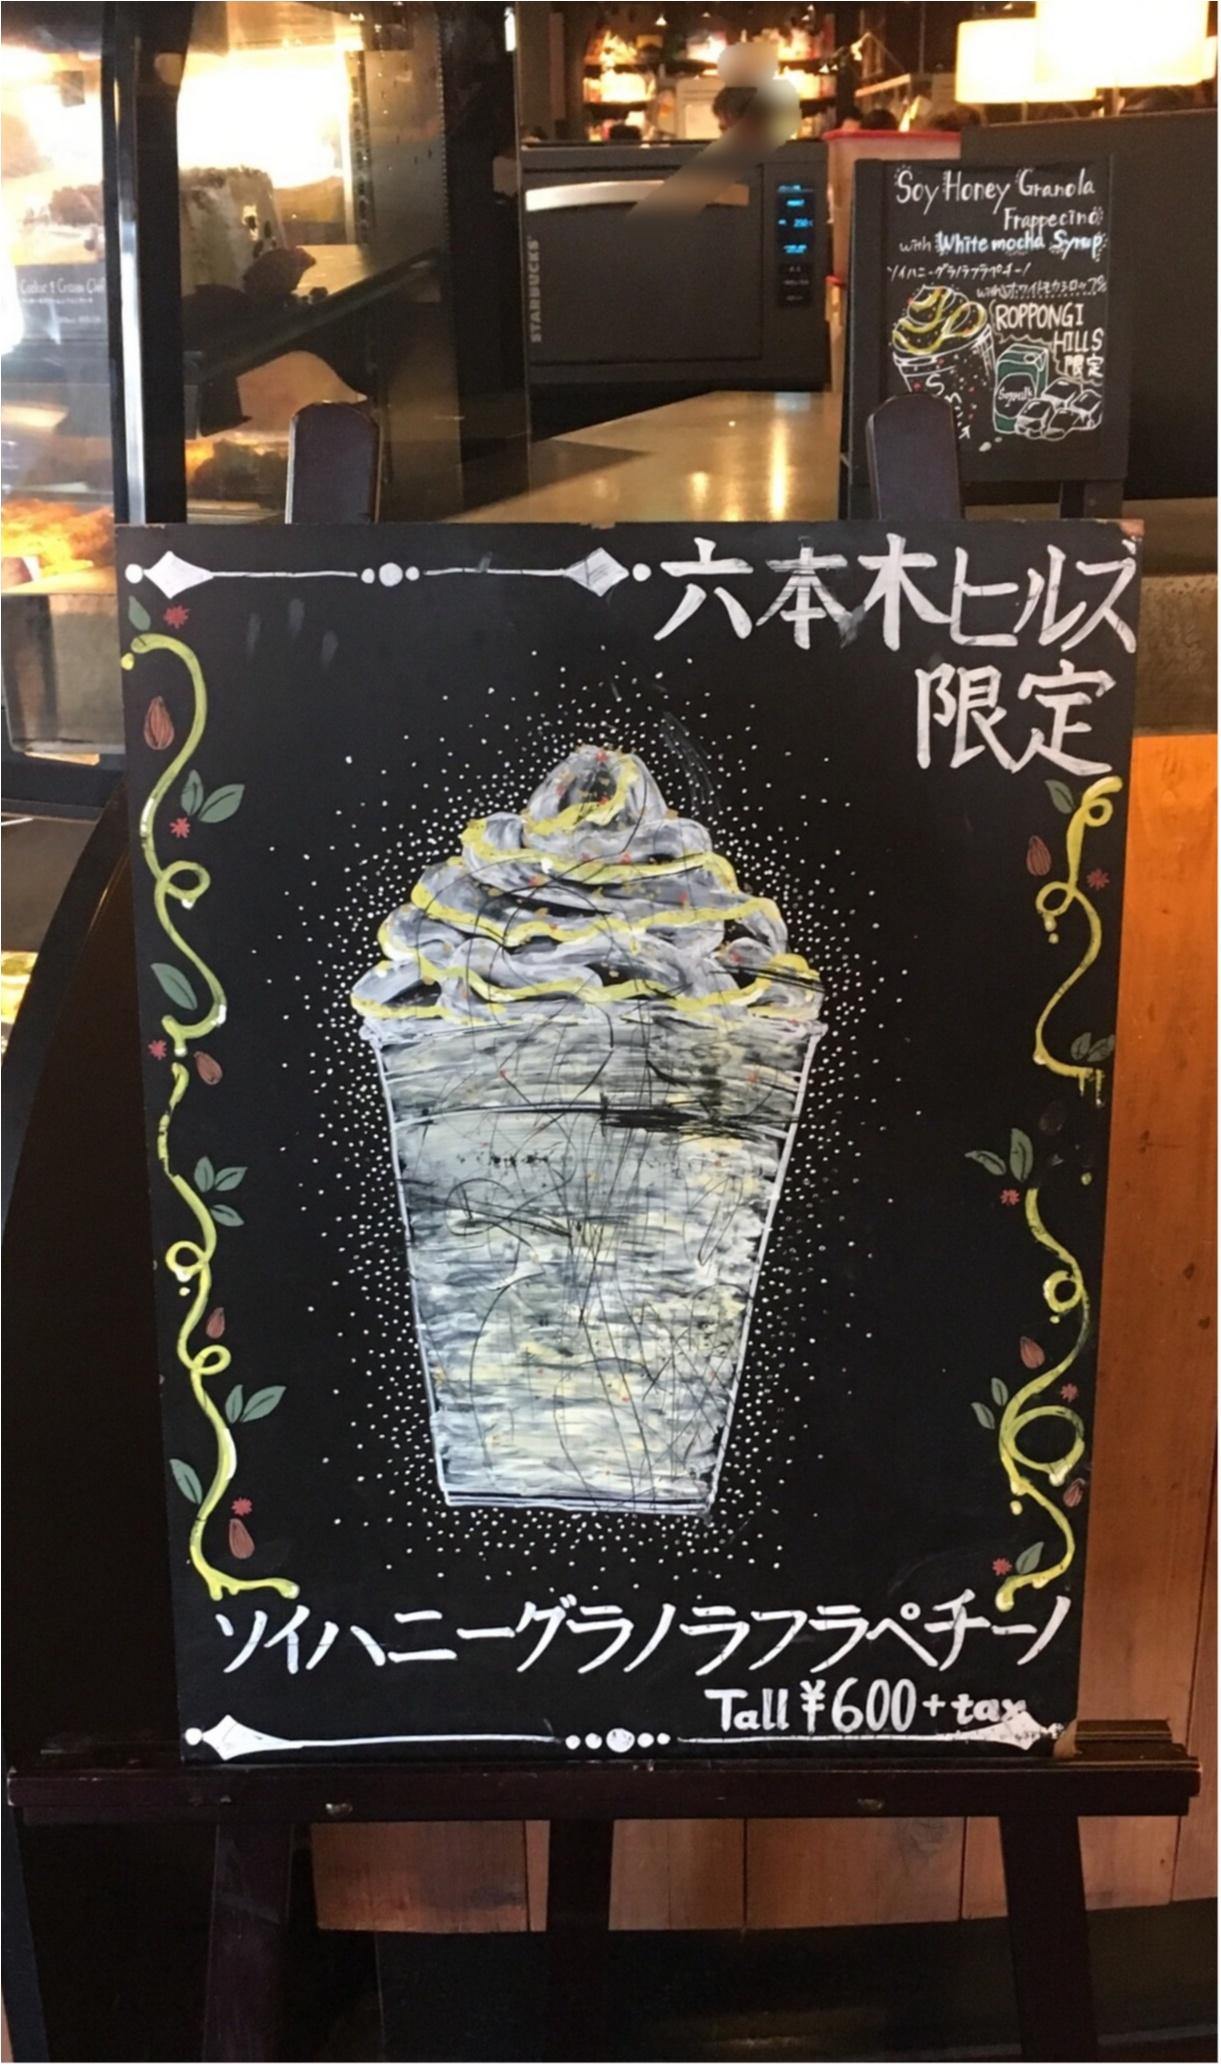 『東京ディズニーリゾート®』限定の『東京ばな奈』、『モスバーガー』のご当地創作バーガーが話題♡今週の「ご当地モア」人気ランキングトップ5!_1_3